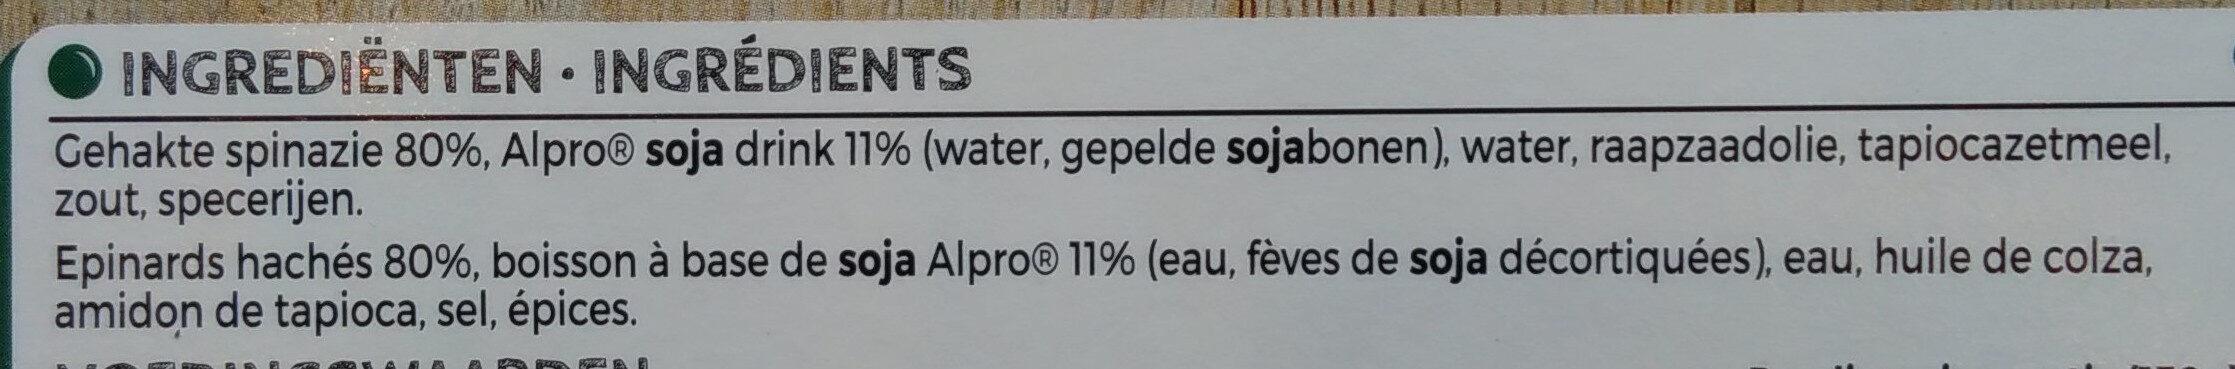 Epinards hachés avec Alpro - Ingrédients - fr